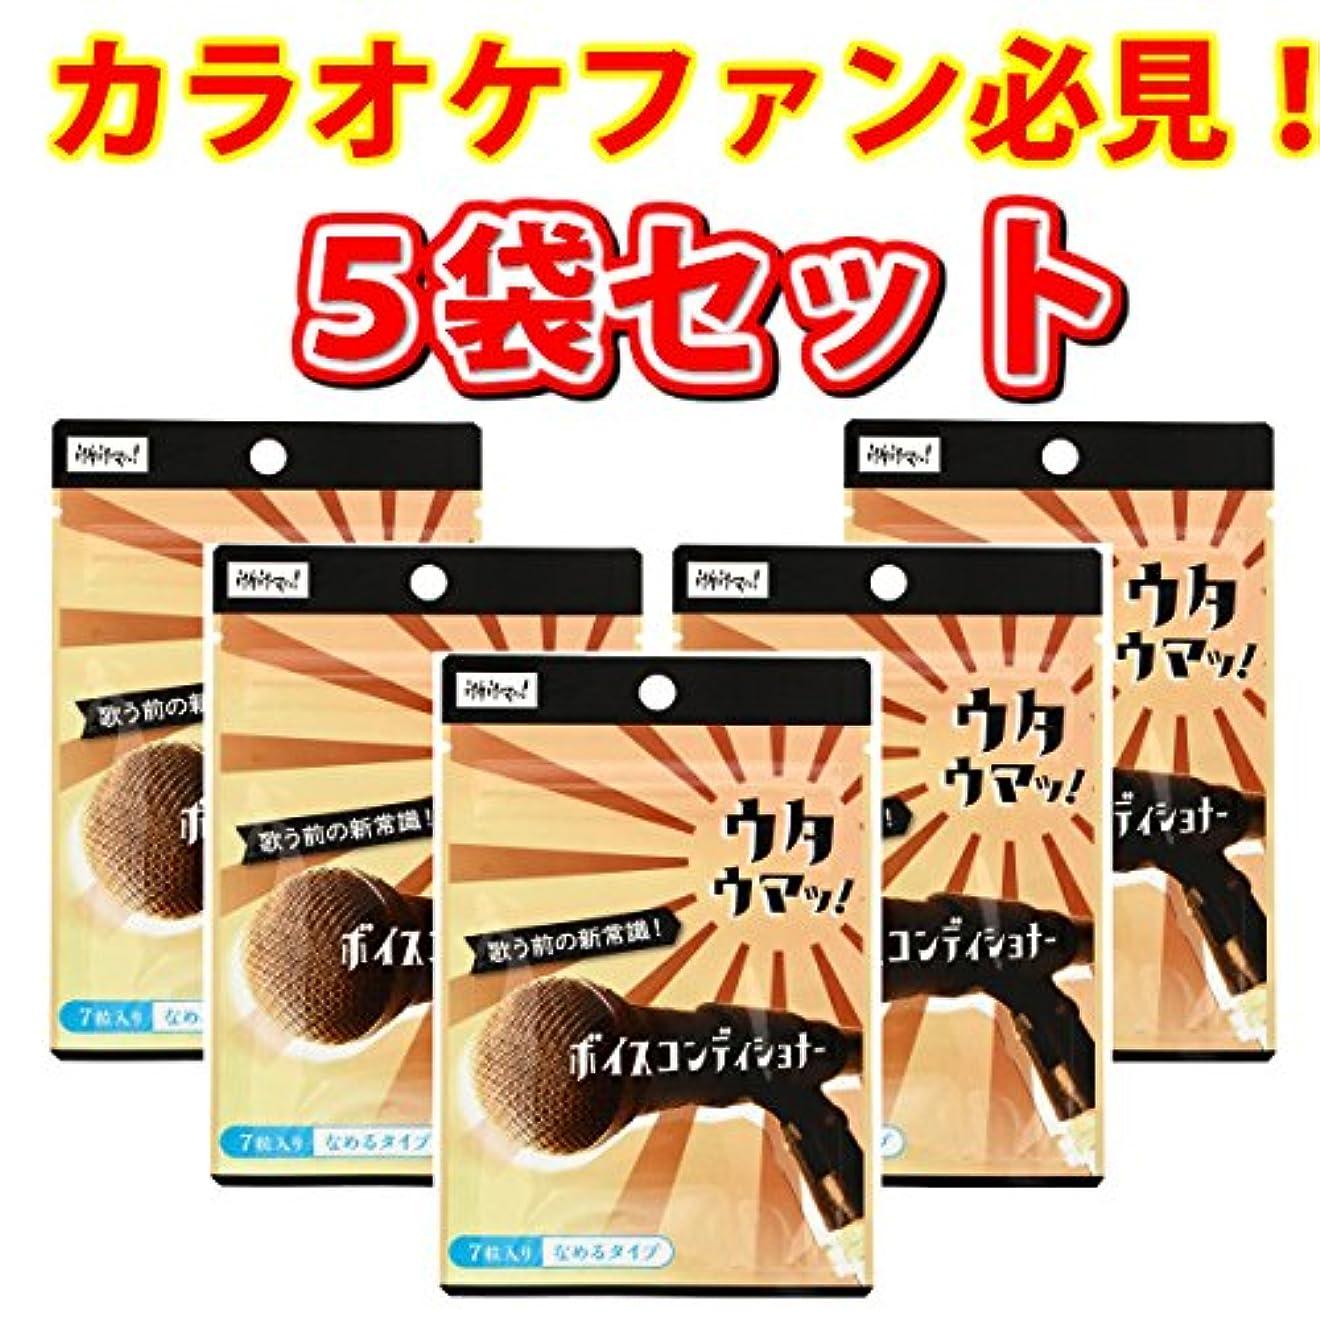 列挙する告発者着服カラオケサプリの決定版 《ボイスコンディショナー》 ウタウマッ!お得な5袋セット